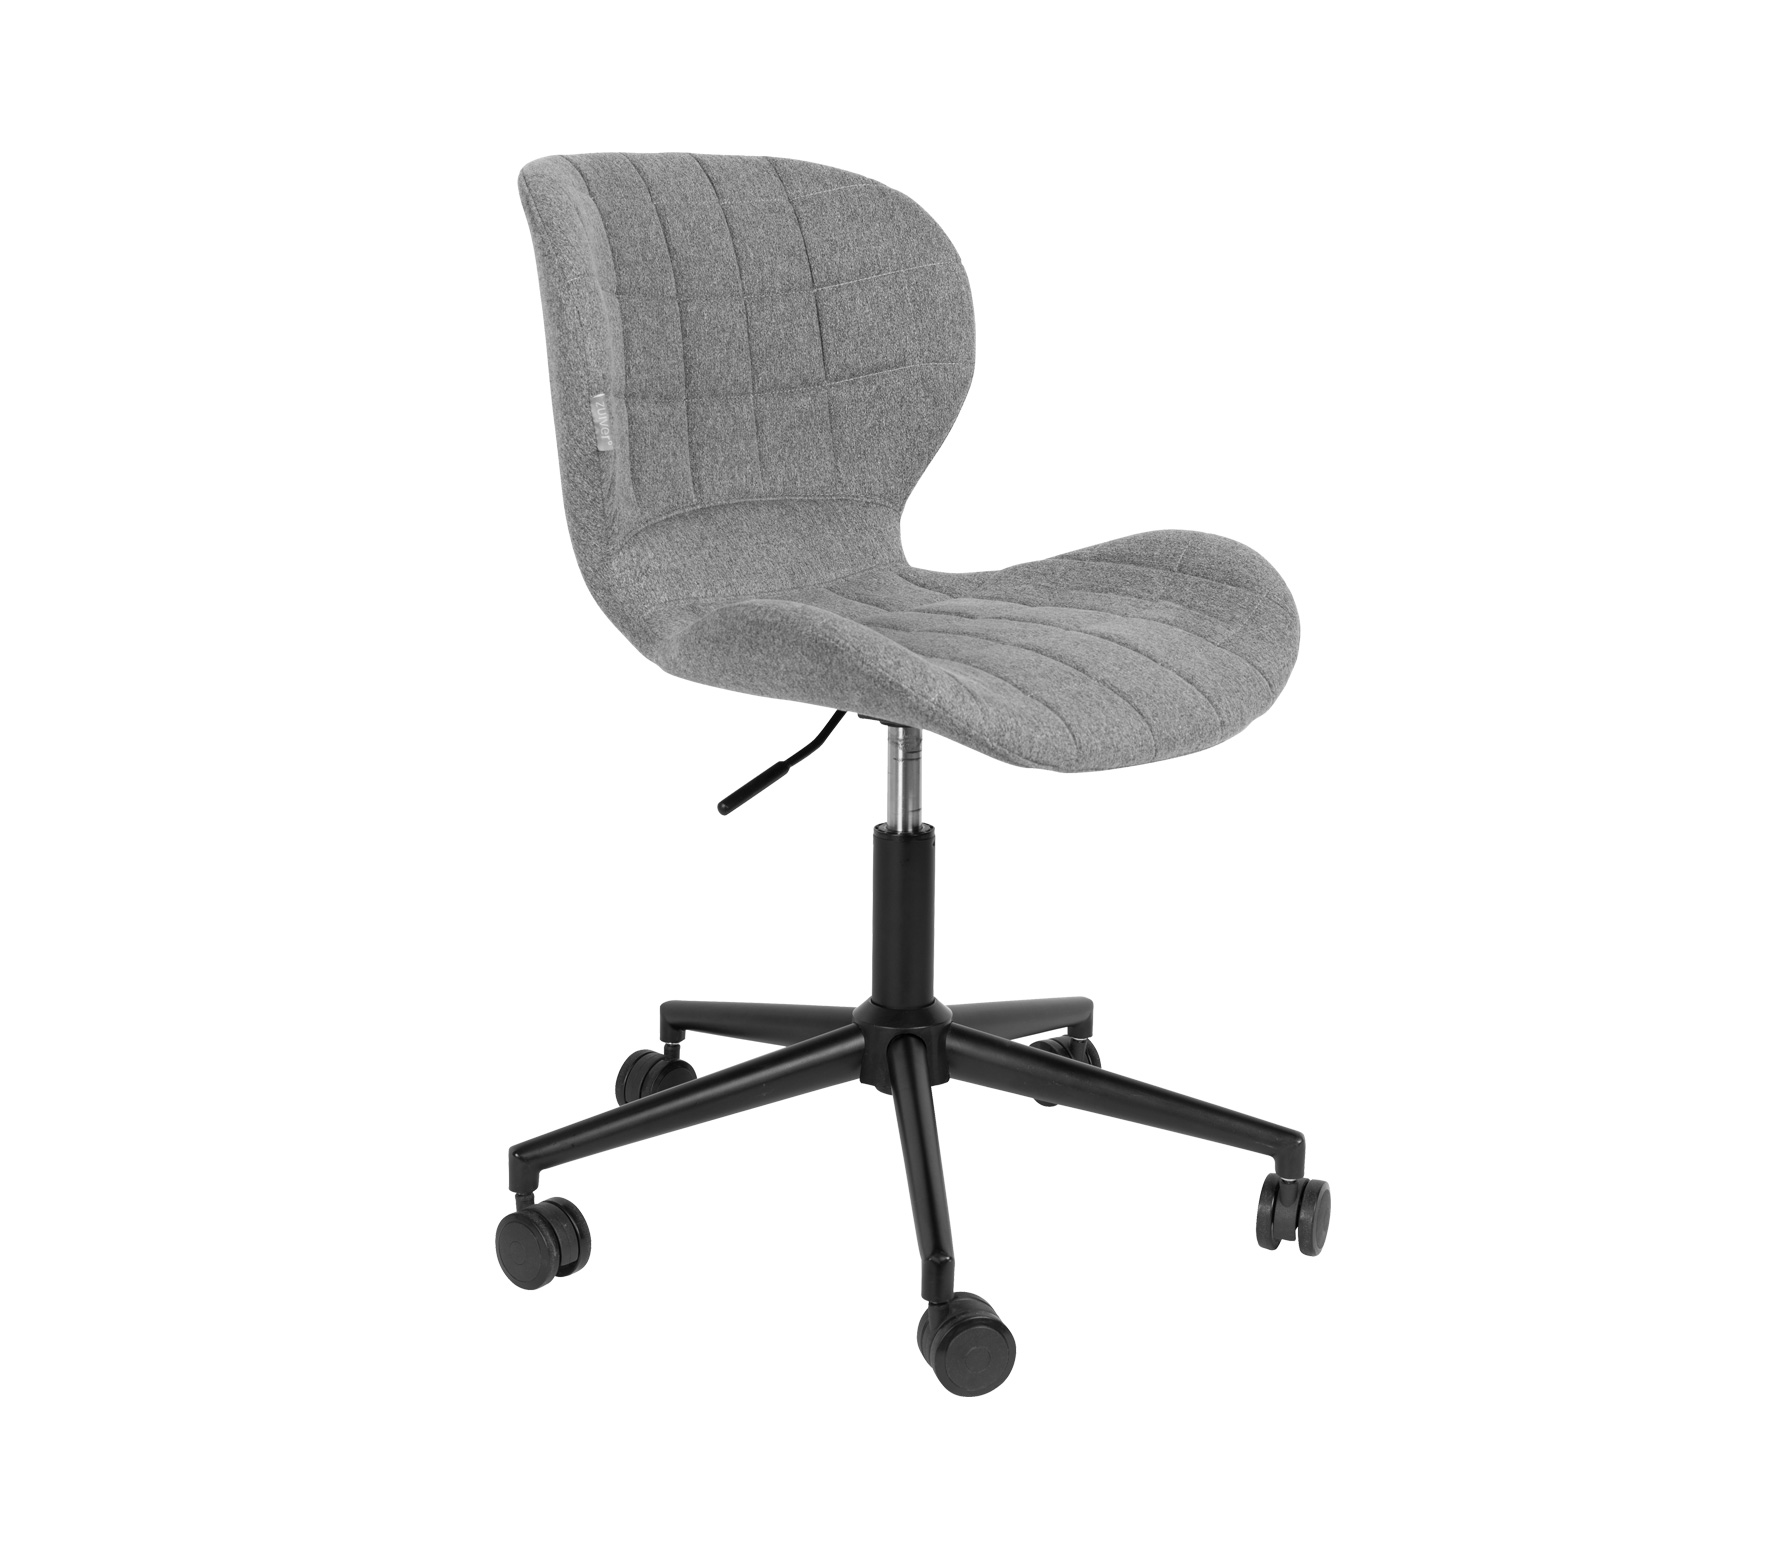 Zuiver OMG bureaustoel grijs zwart vrijstaand frontaal